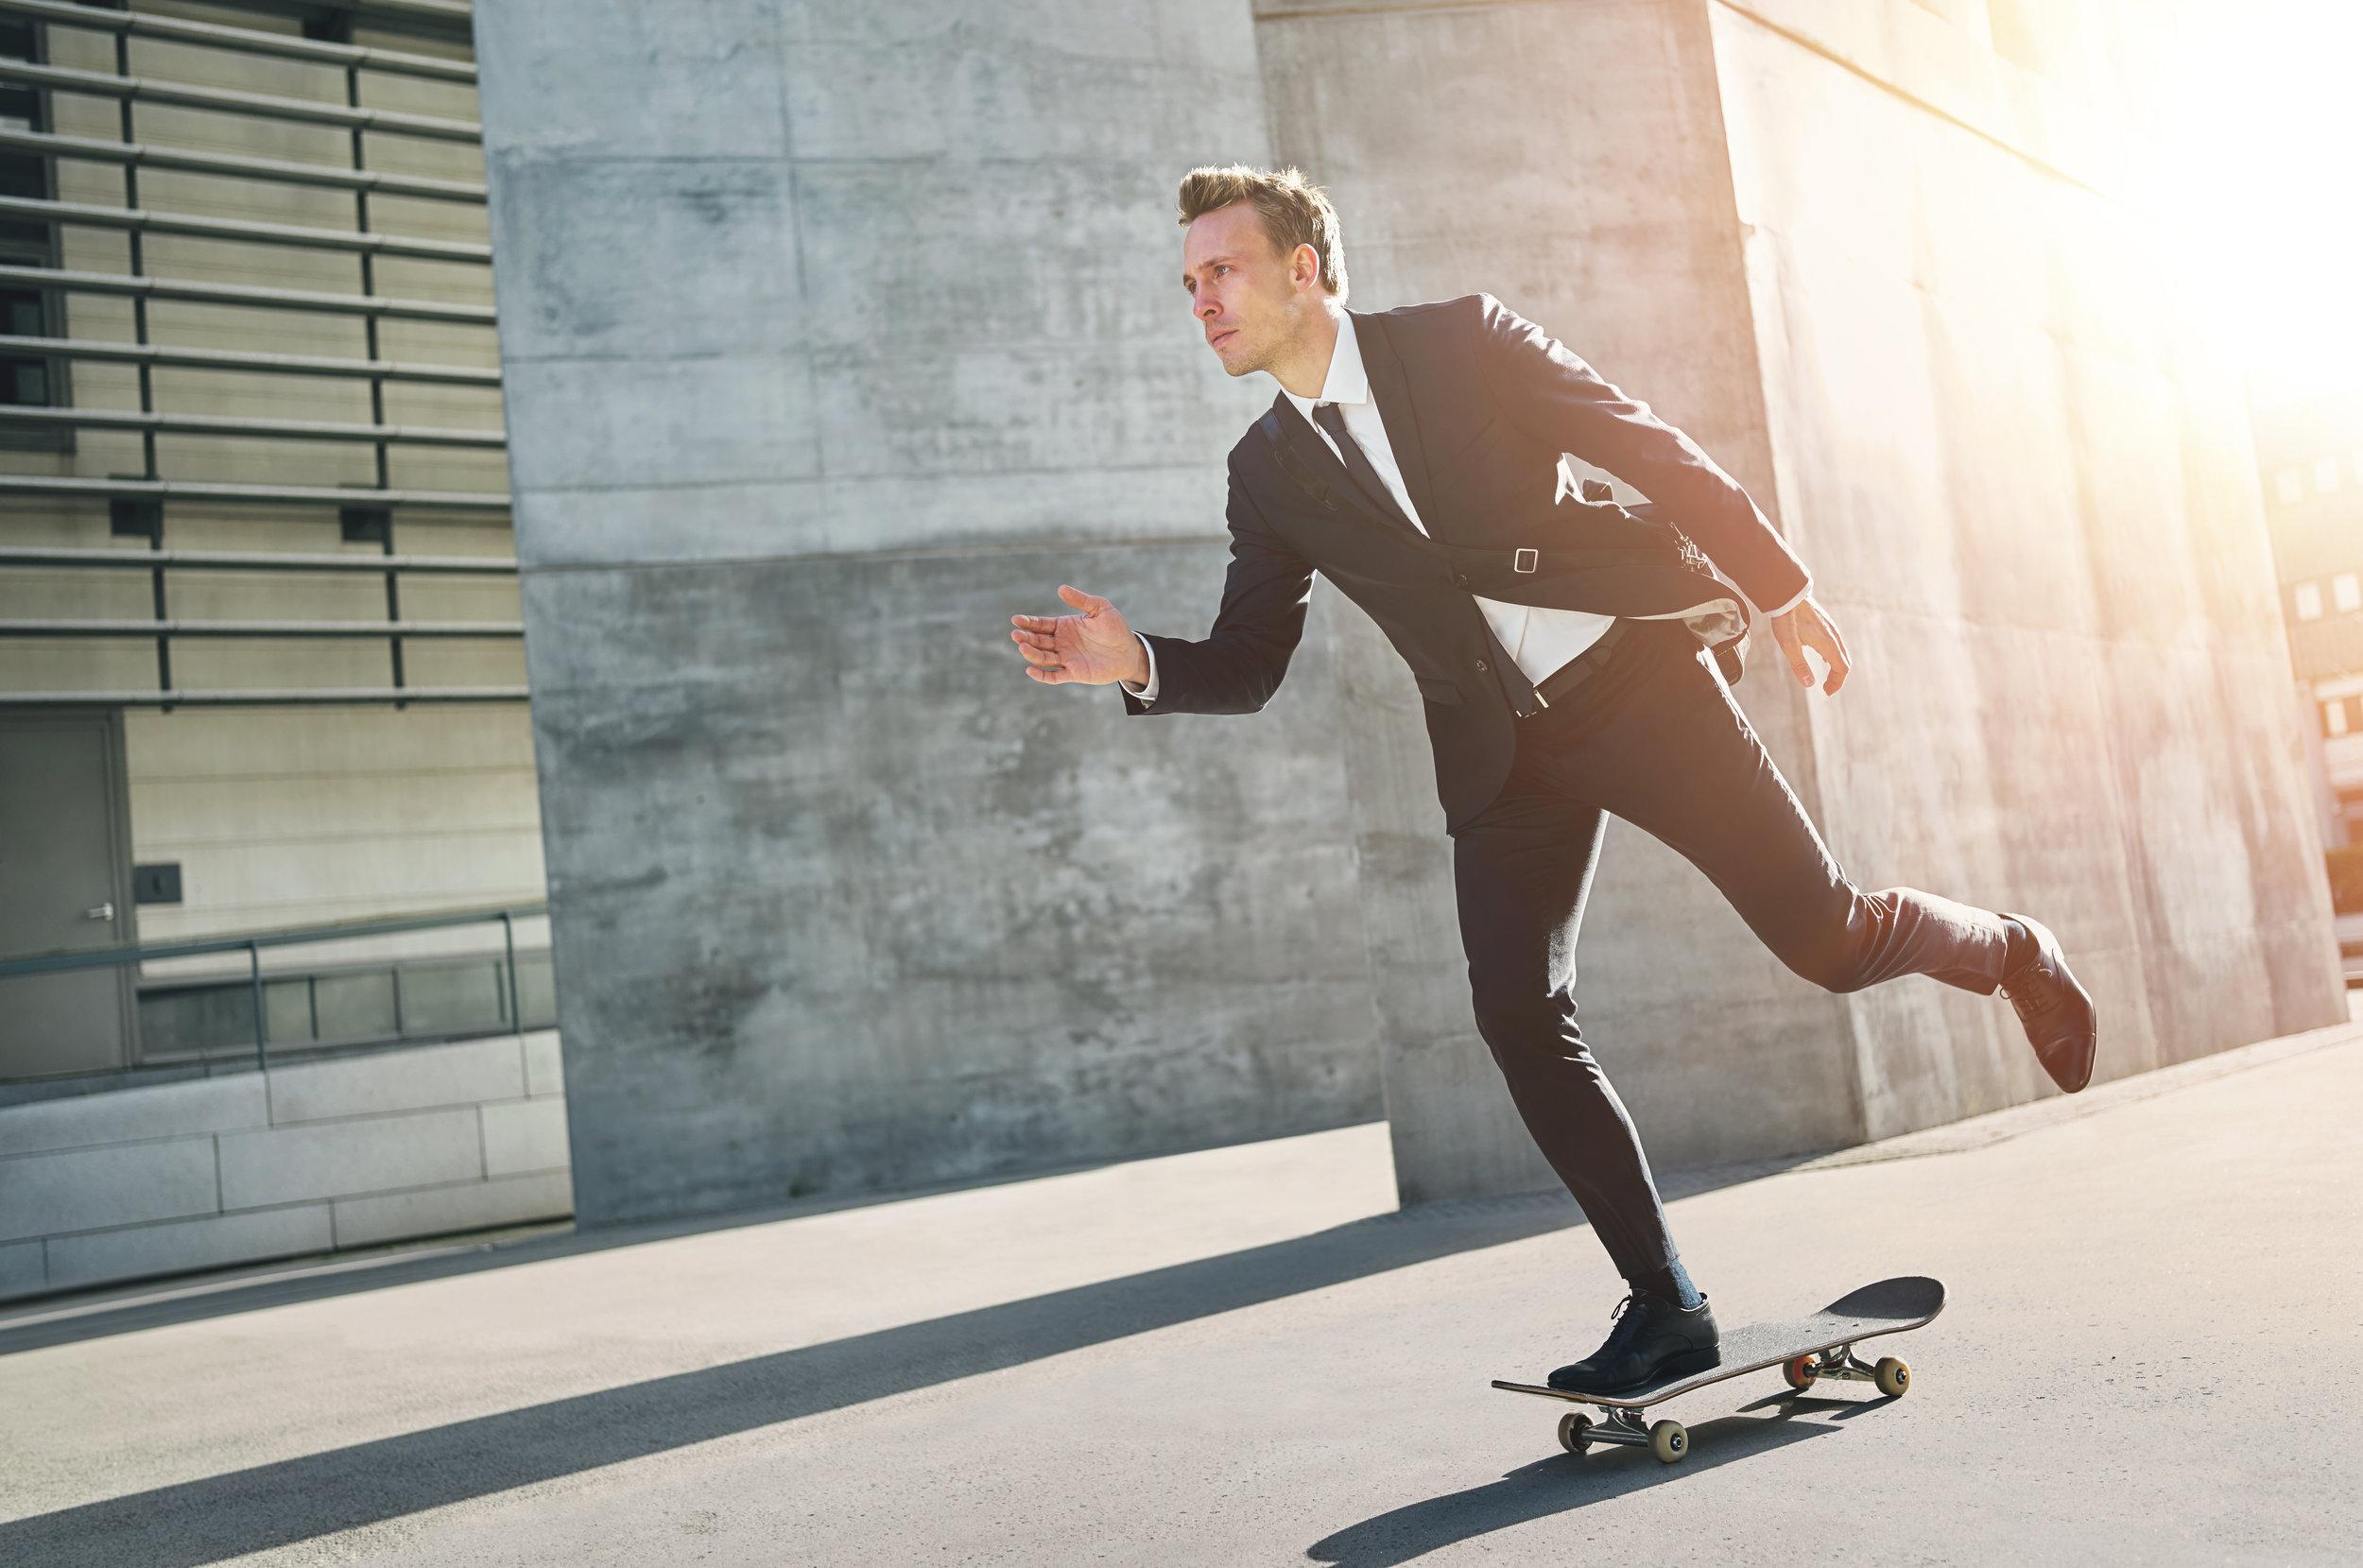 Suited-Man-Skateboarding-In-Sun.jpeg